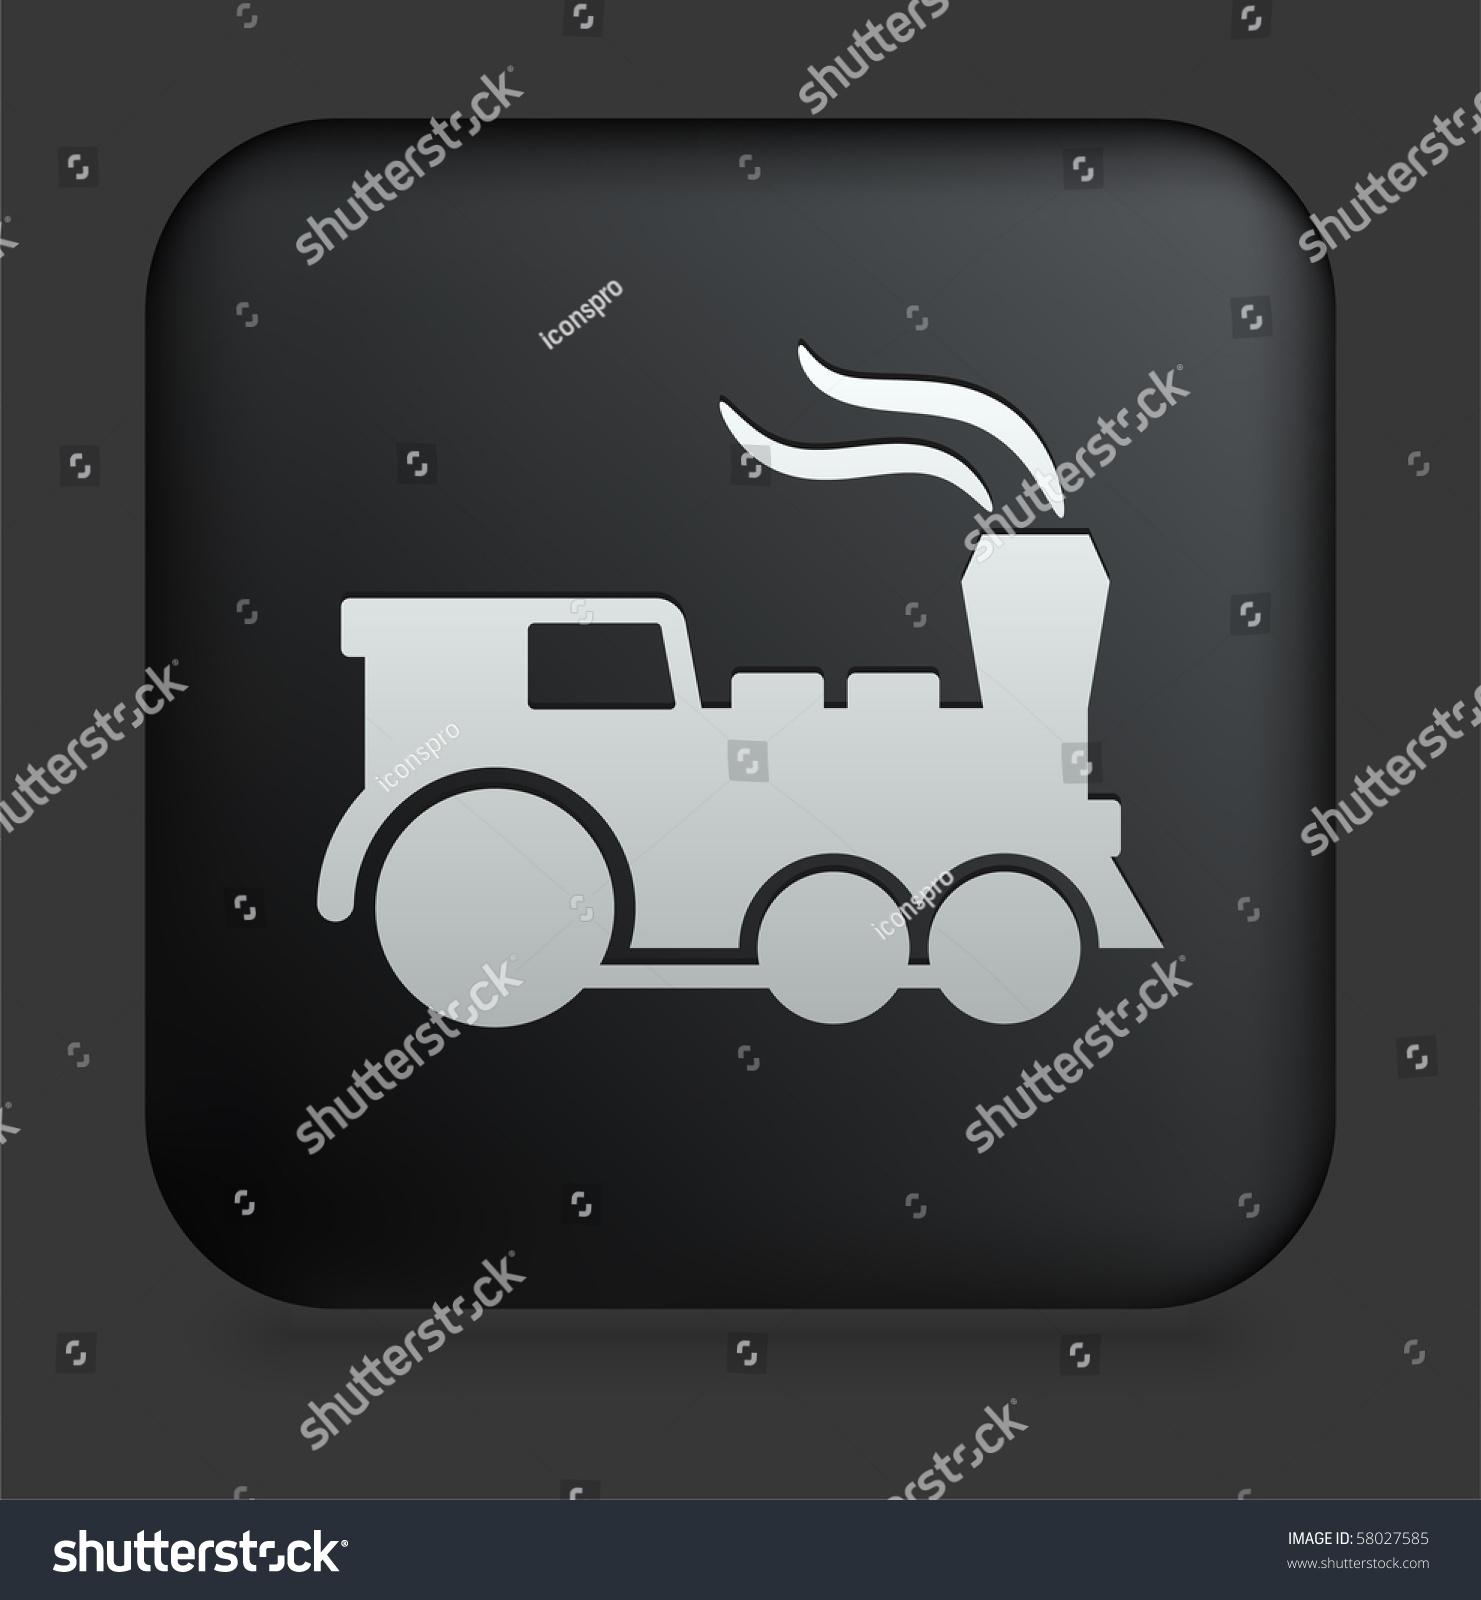 互联网上广场黑色机车图标按钮原始插图-交通运输,/图